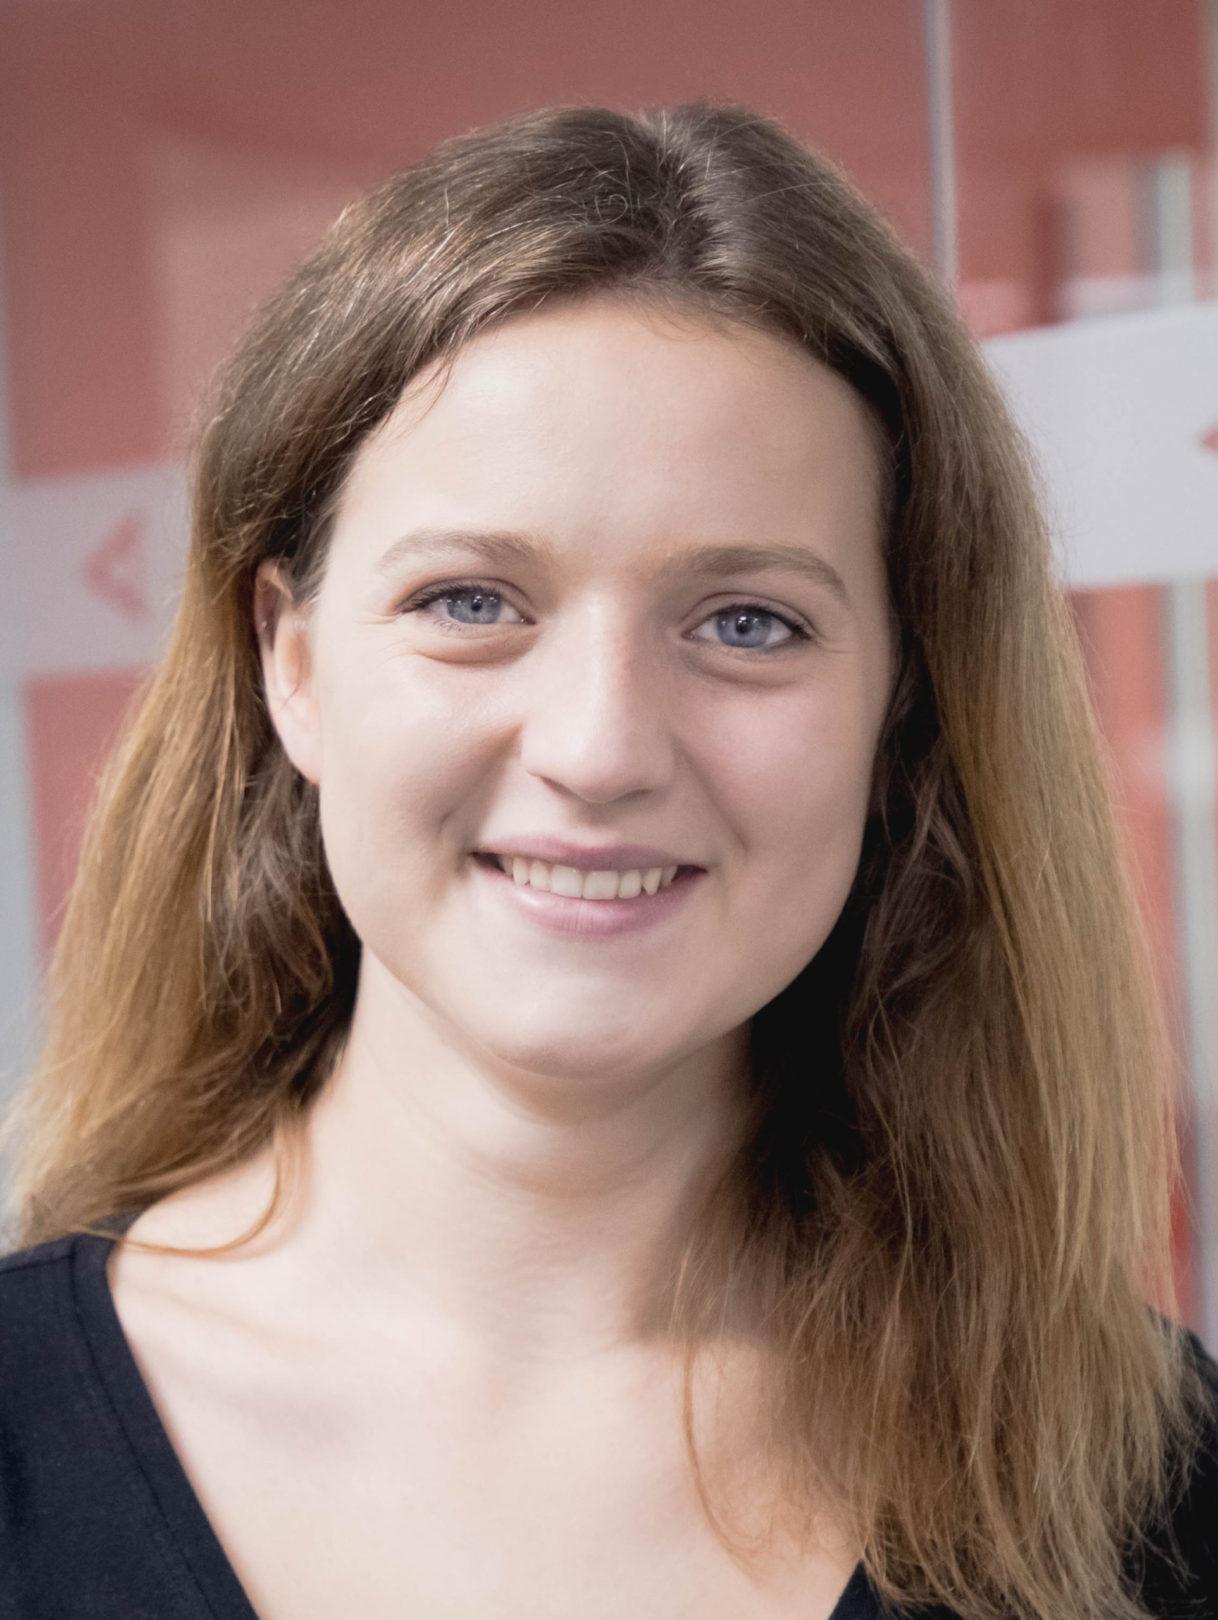 Emily Matthews